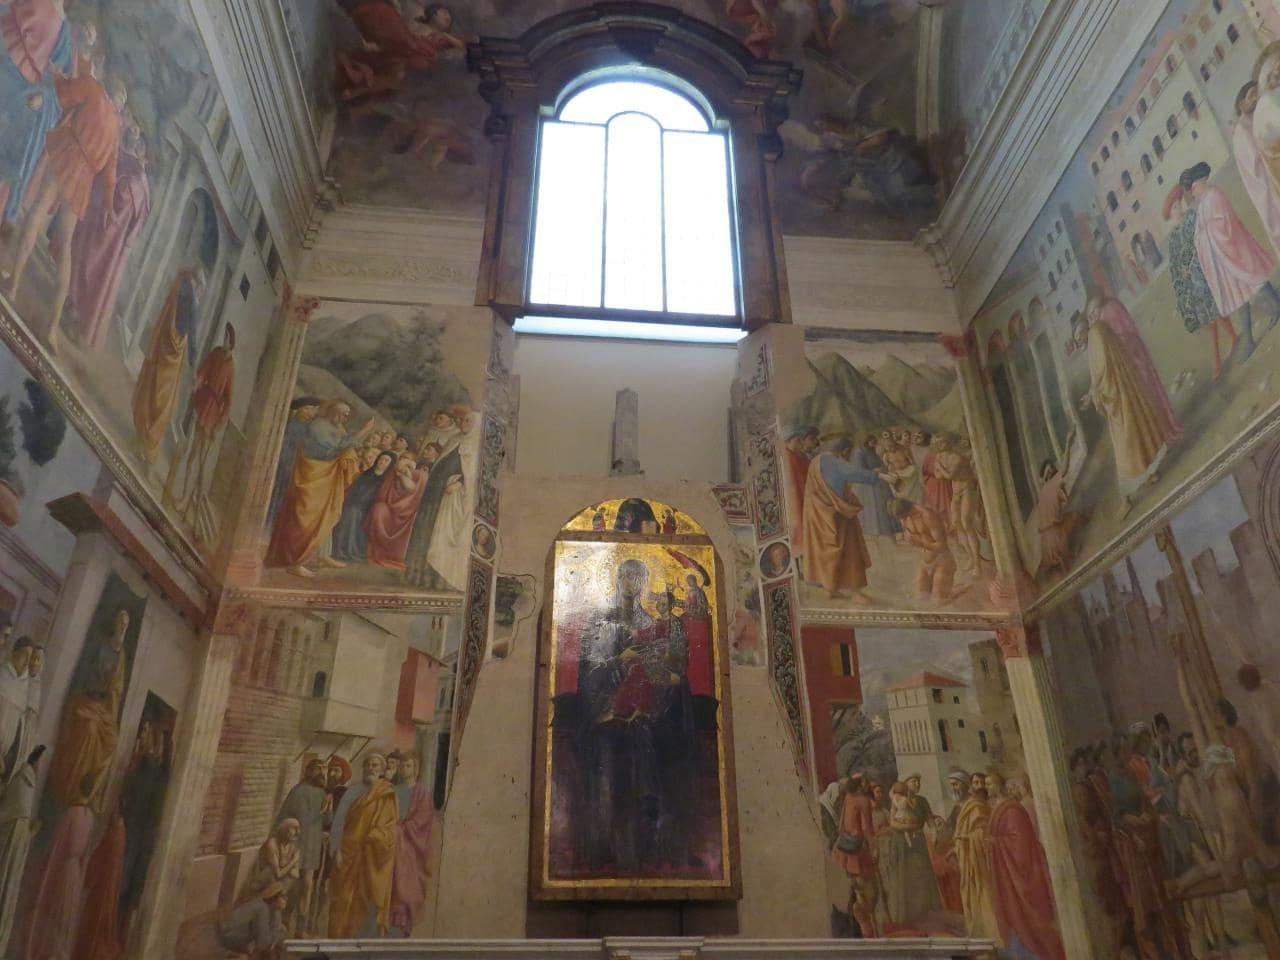 이탈리아 여행, 피렌체, 산타 마리아 델 카르미네성당(The Church of Santa Maria del Carmine) 내 브랑카치 채플(Brancacci Chapel) 내부 모습, CC BY Simone Ramella